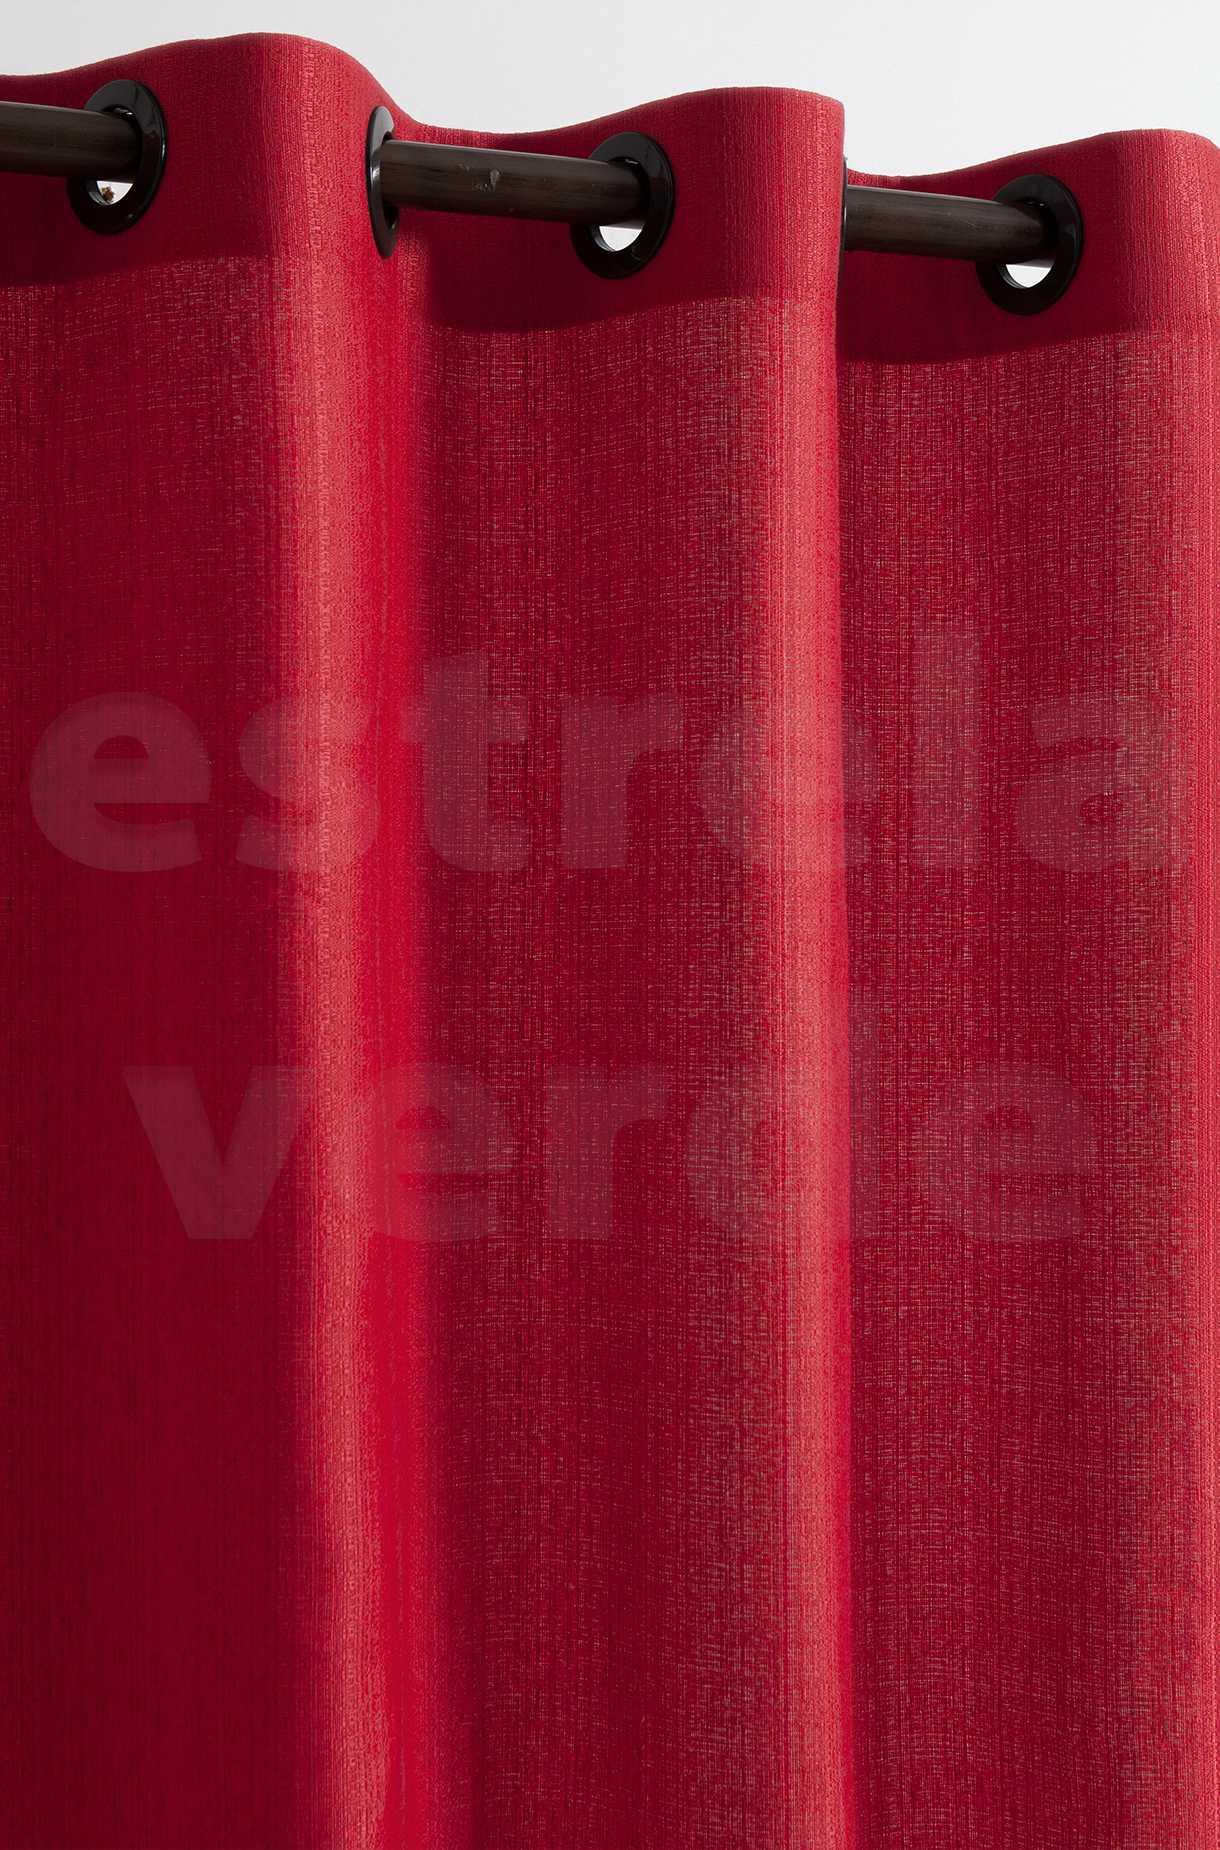 CORTINA VENEZA 2,60X1,70 5684 VERMELHO  - Estrela Verde